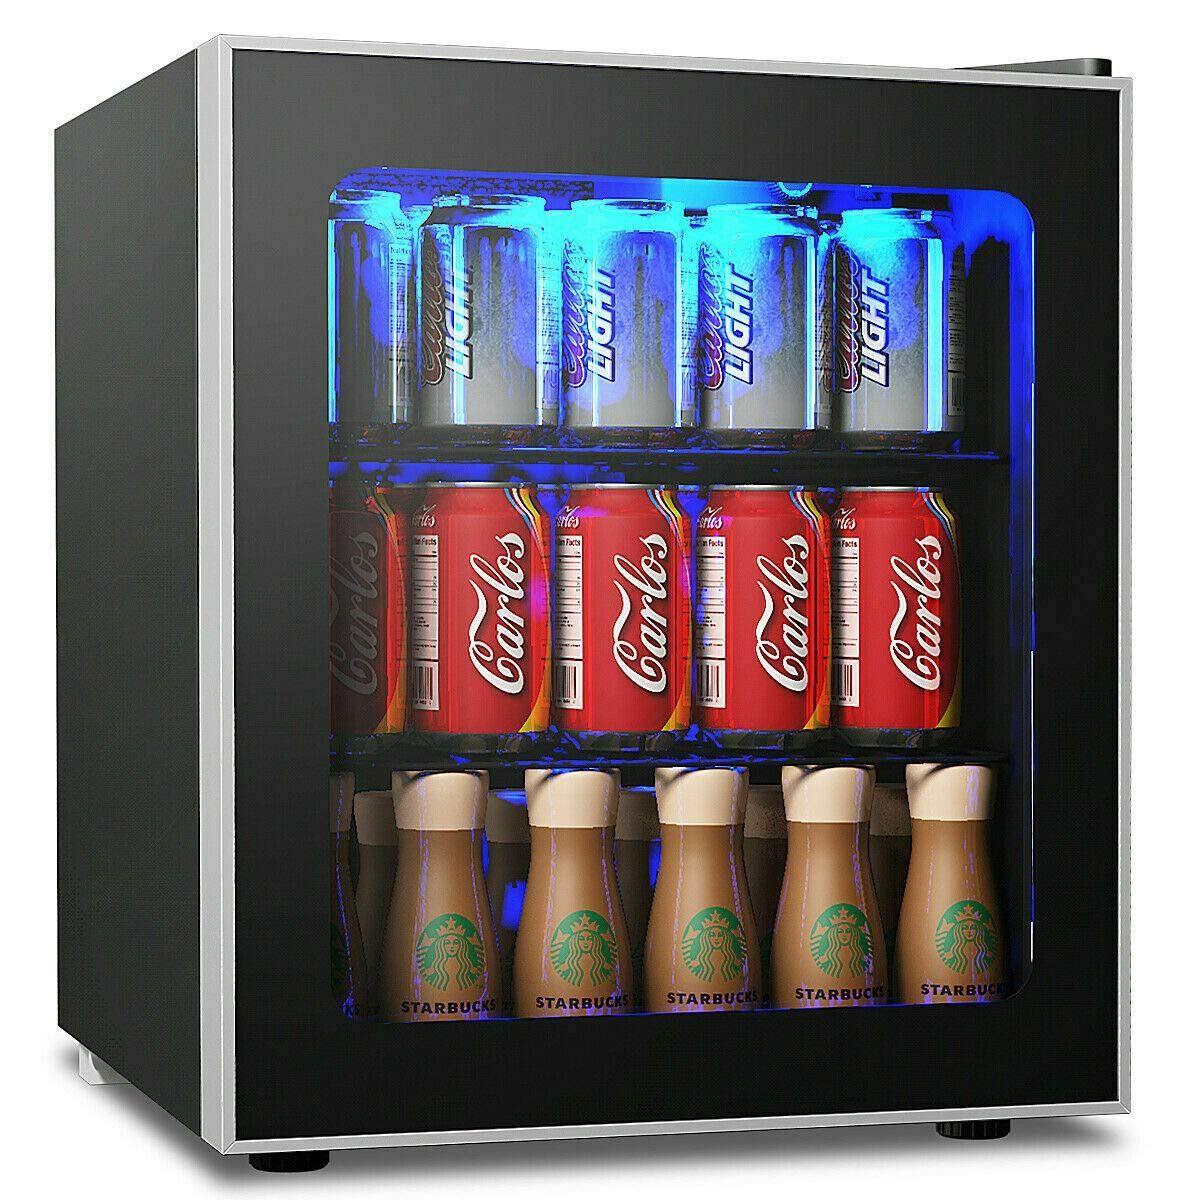 Costway Beverage Refrigerator And Cooler 60 Can Mini Fridge Adjustable Removable Shelves Beverage Refrigerator Mini Fridge Beverage Cooler